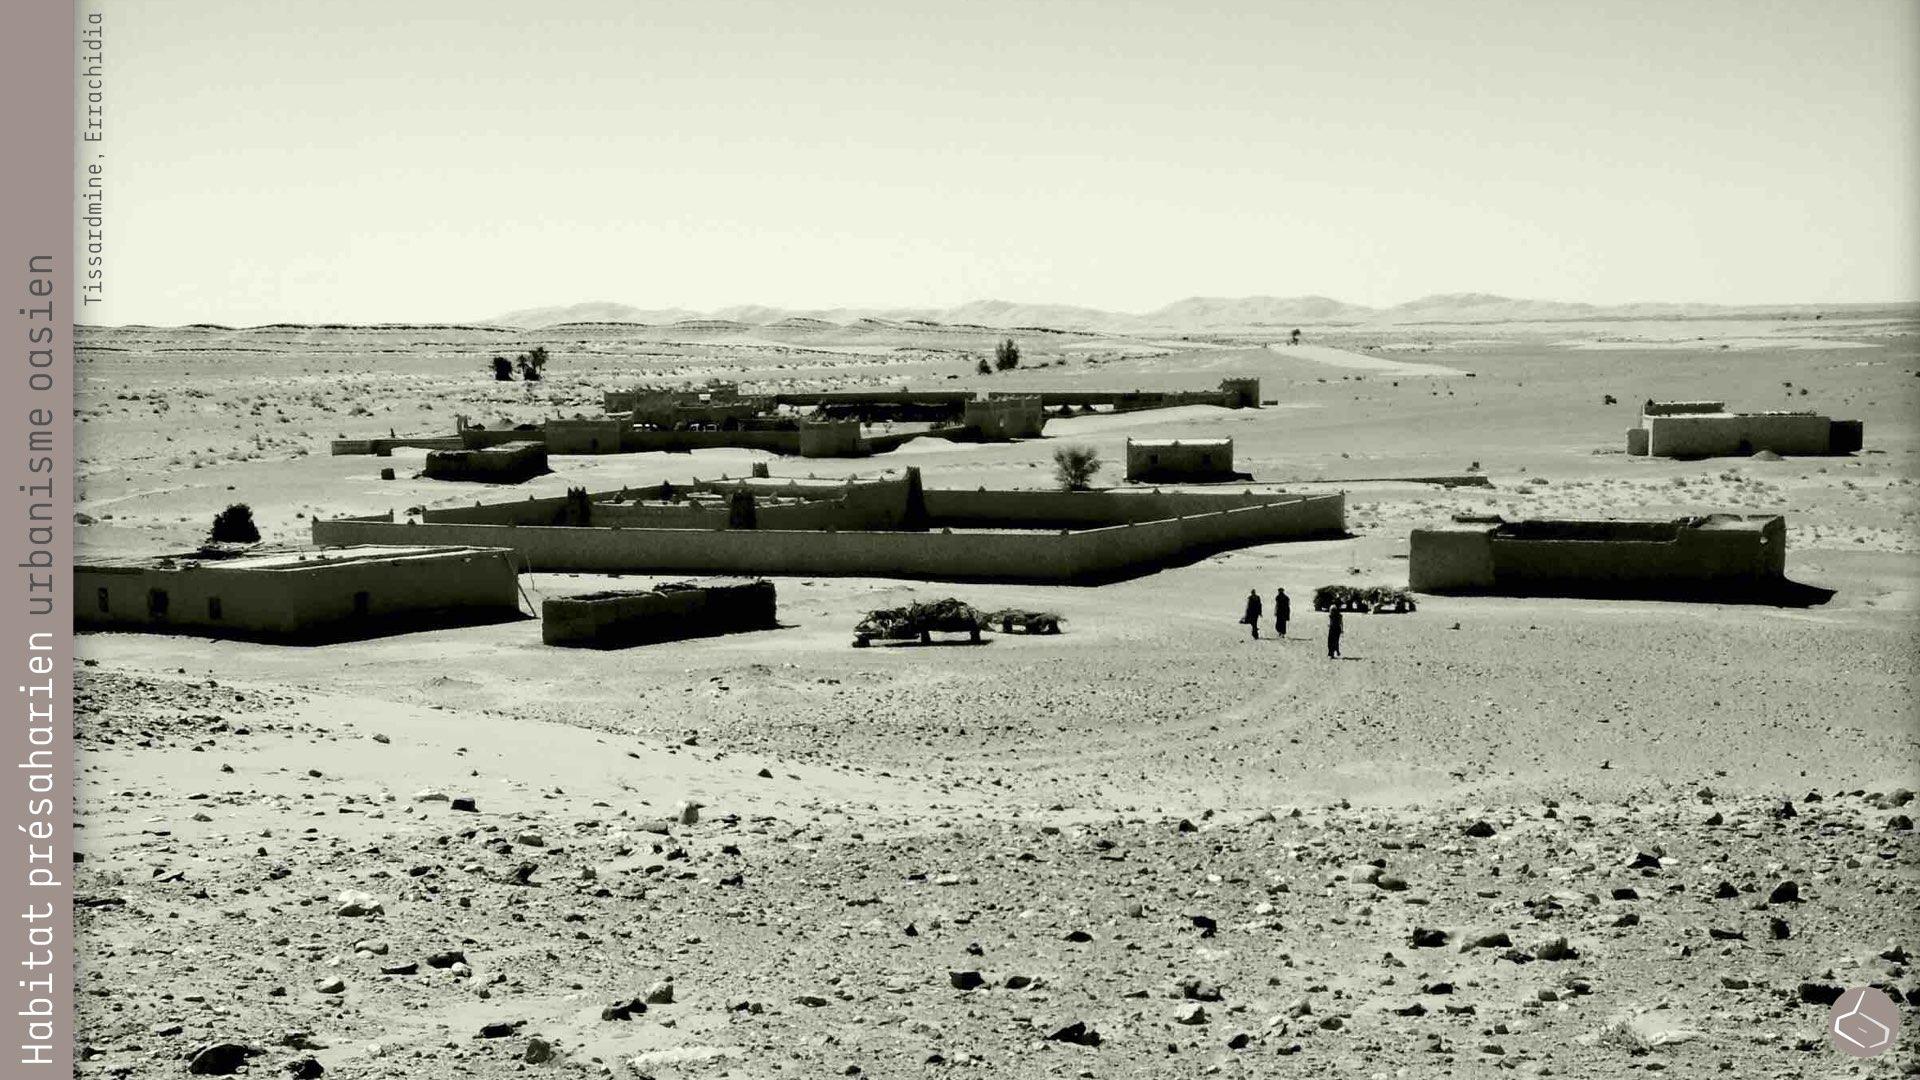 32. Non plus face au sable qui arrive de Merzouga, dans un environnement assez extrême.       32. Neither against the sand approaching from Merzouga, in a quite extreme environment.